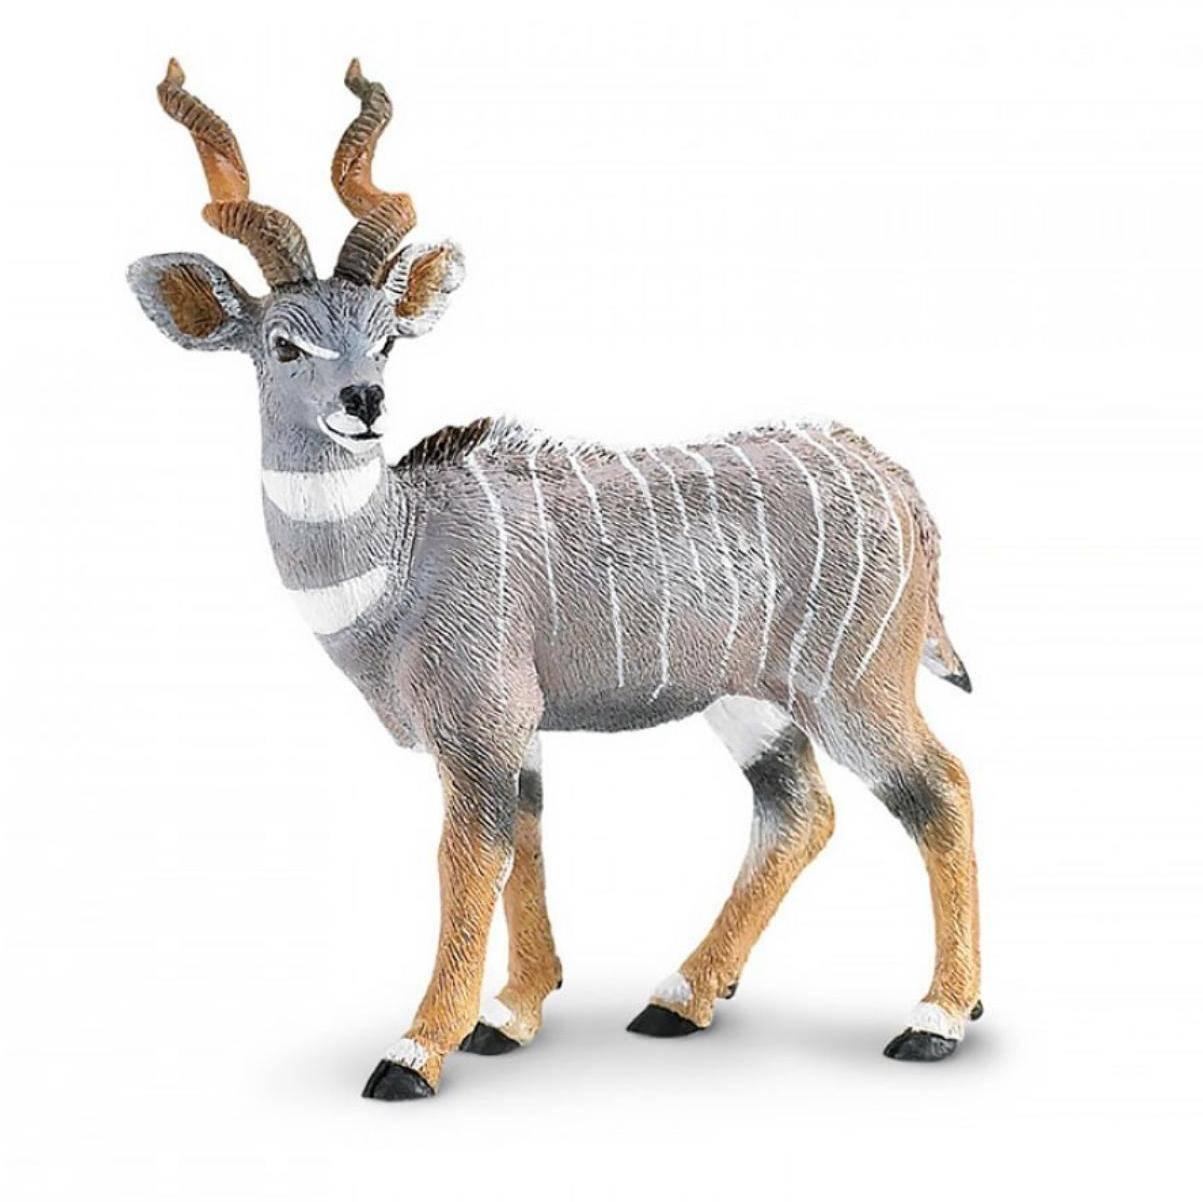 Купить Safari Ltd. Фигурка антилопы Малый куду , Китай